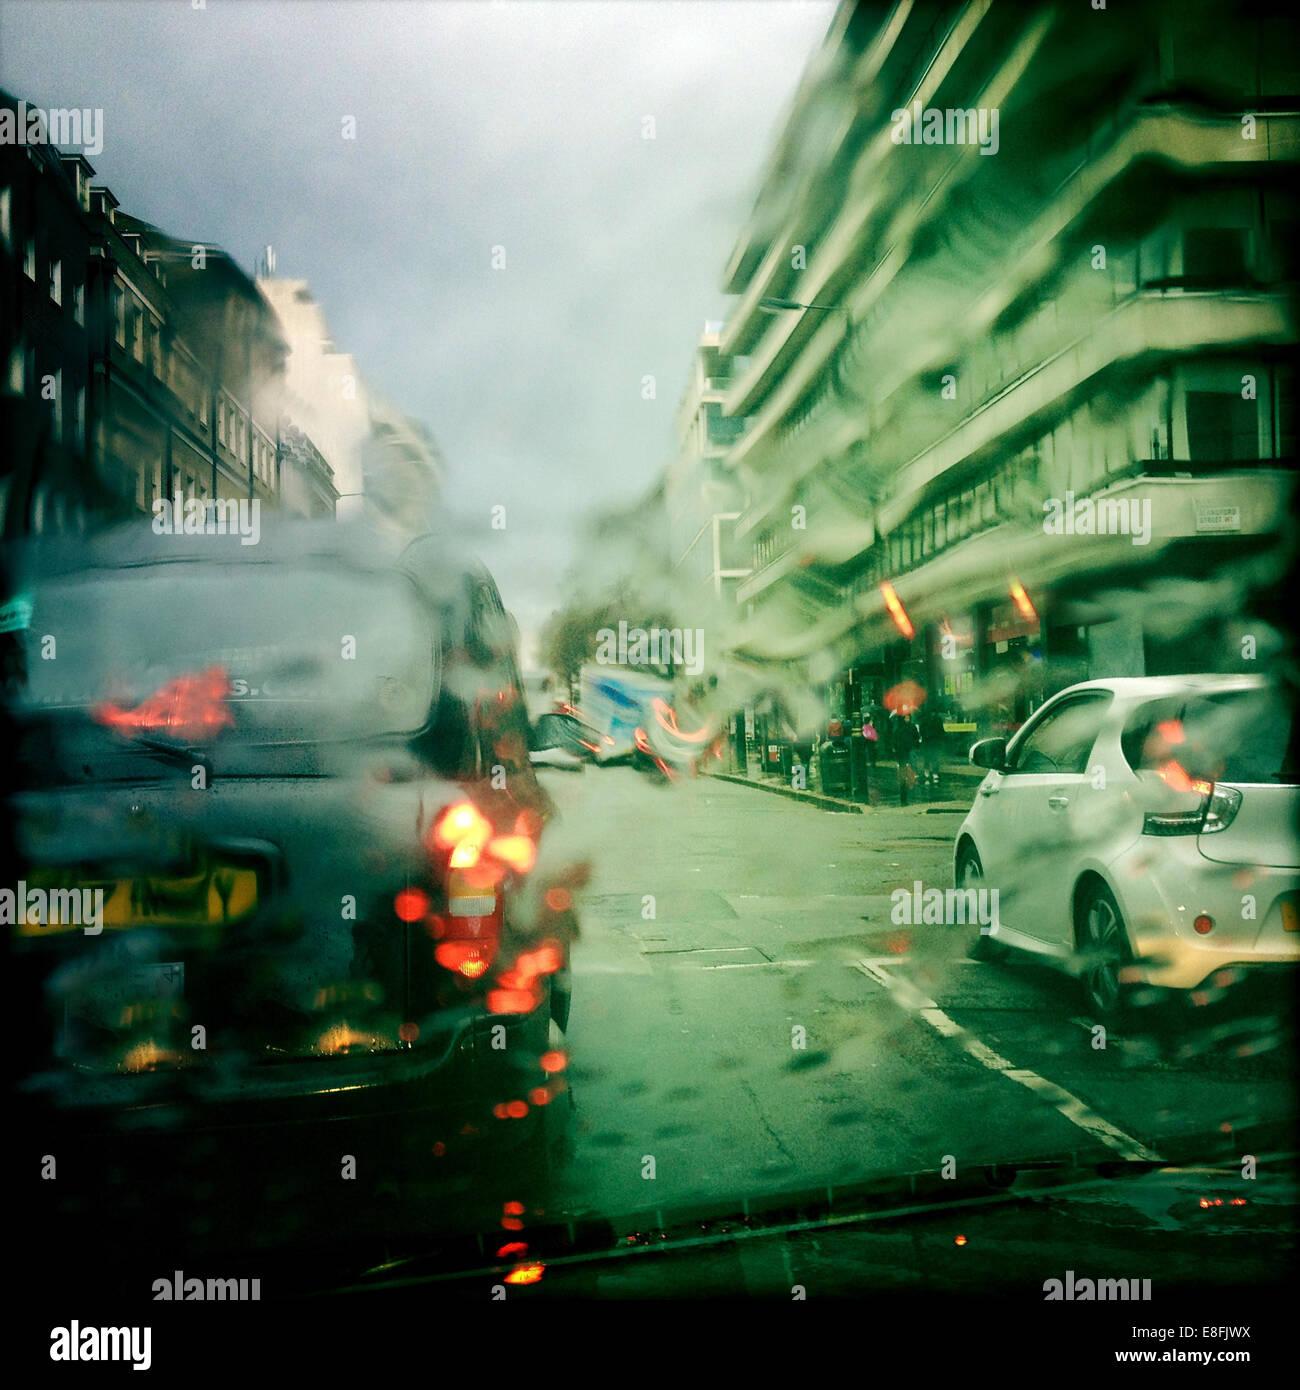 Großbritannien, London, Westminster, Knightsbridge, Taxi und Auto bei feuchtem Wetter Stockbild